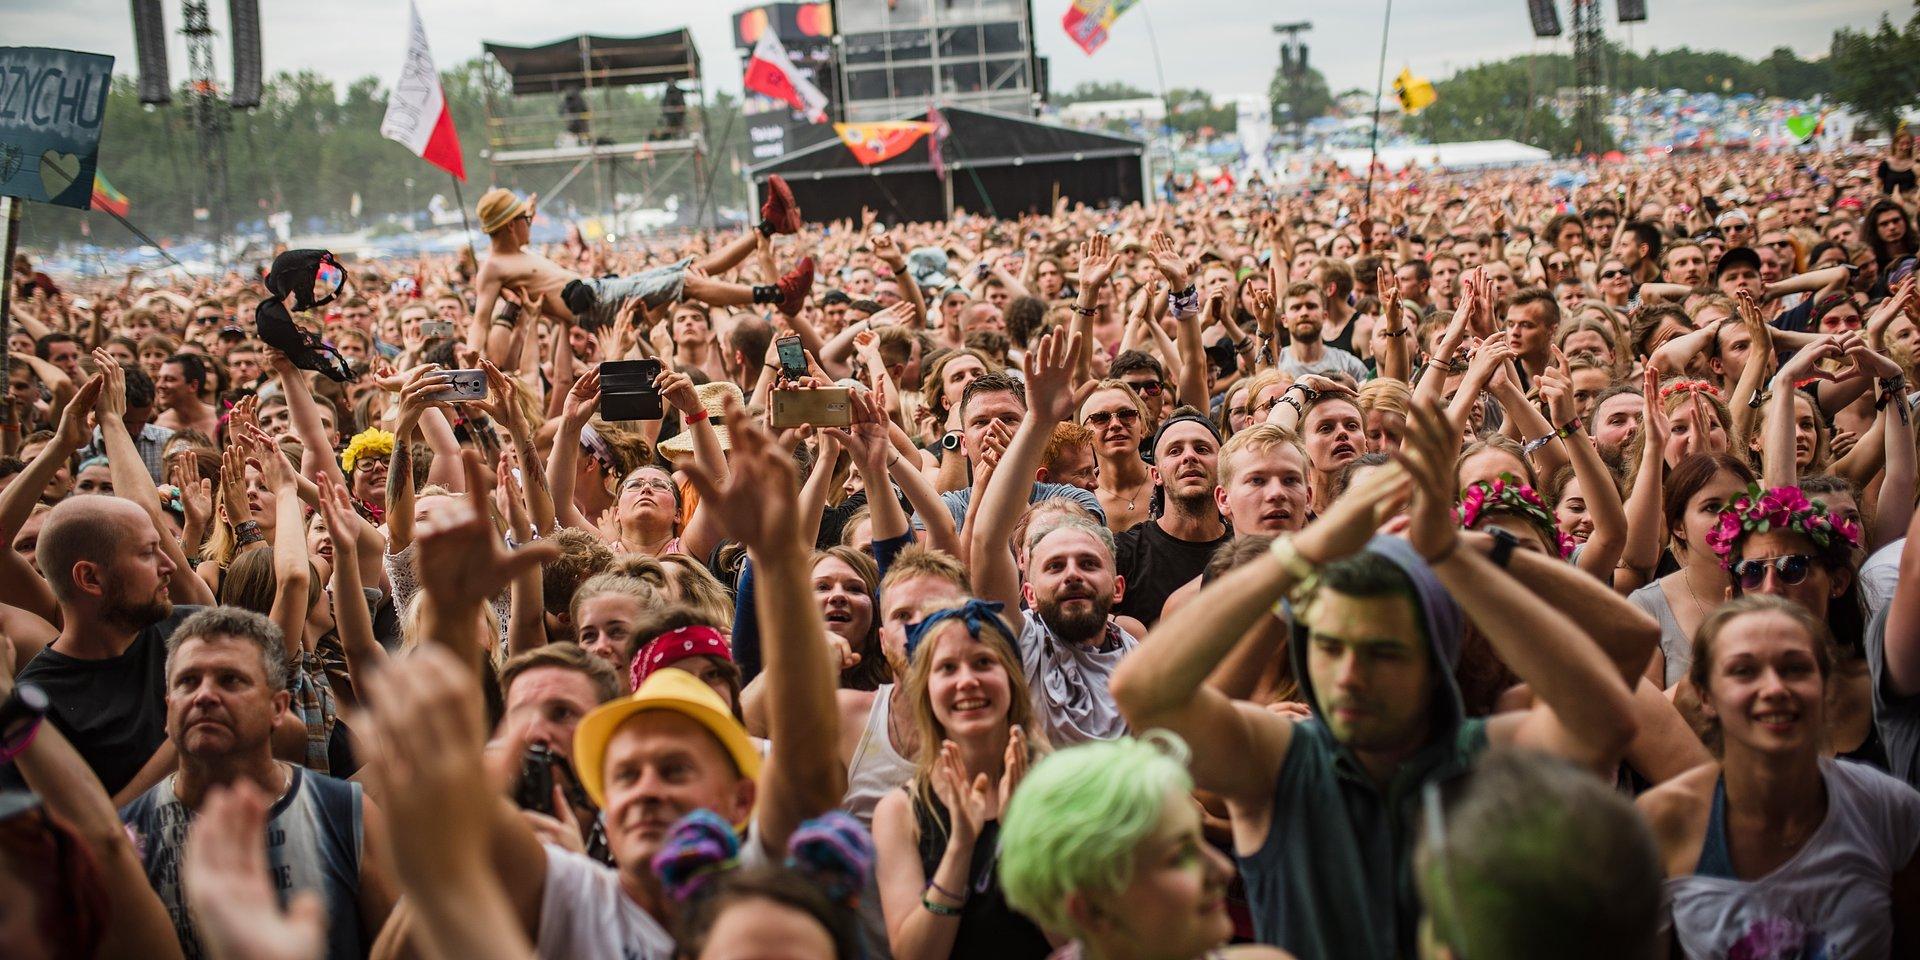 Wejściówki na Pol'and'Rock Festival – ruszyła sprzedaż